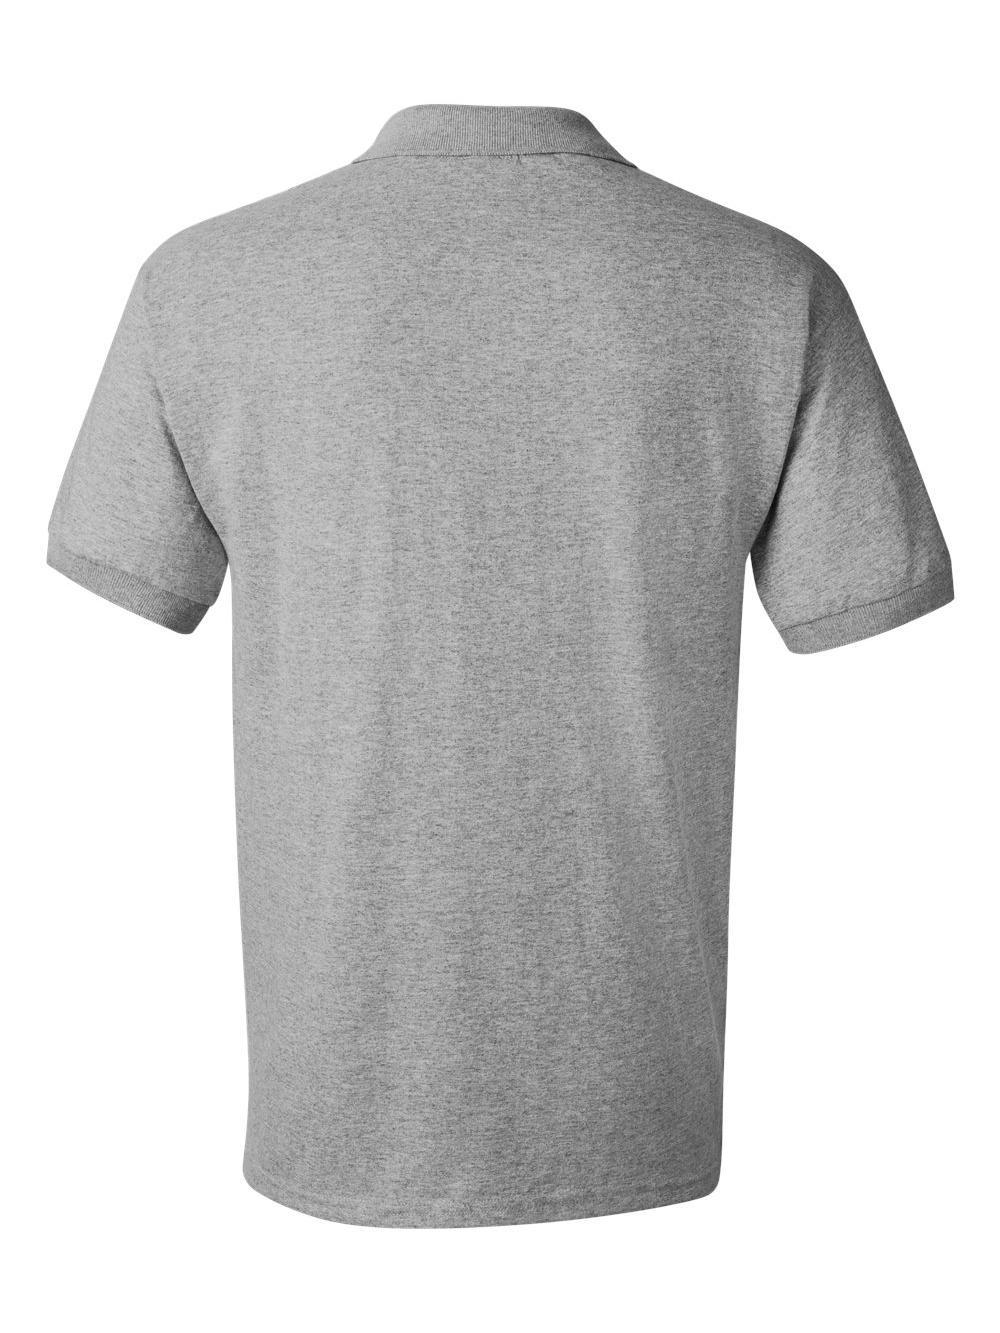 Gildan-DryBlend-Jersey-Sport-Shirt-8800 thumbnail 79